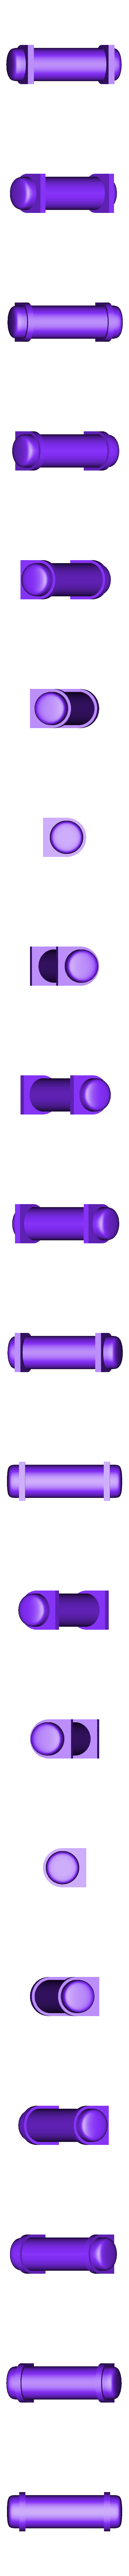 brake_tank.stl Télécharger fichier STL gratuit Boxcar russe série 11-270, échelle HO • Design pour impression 3D, positron